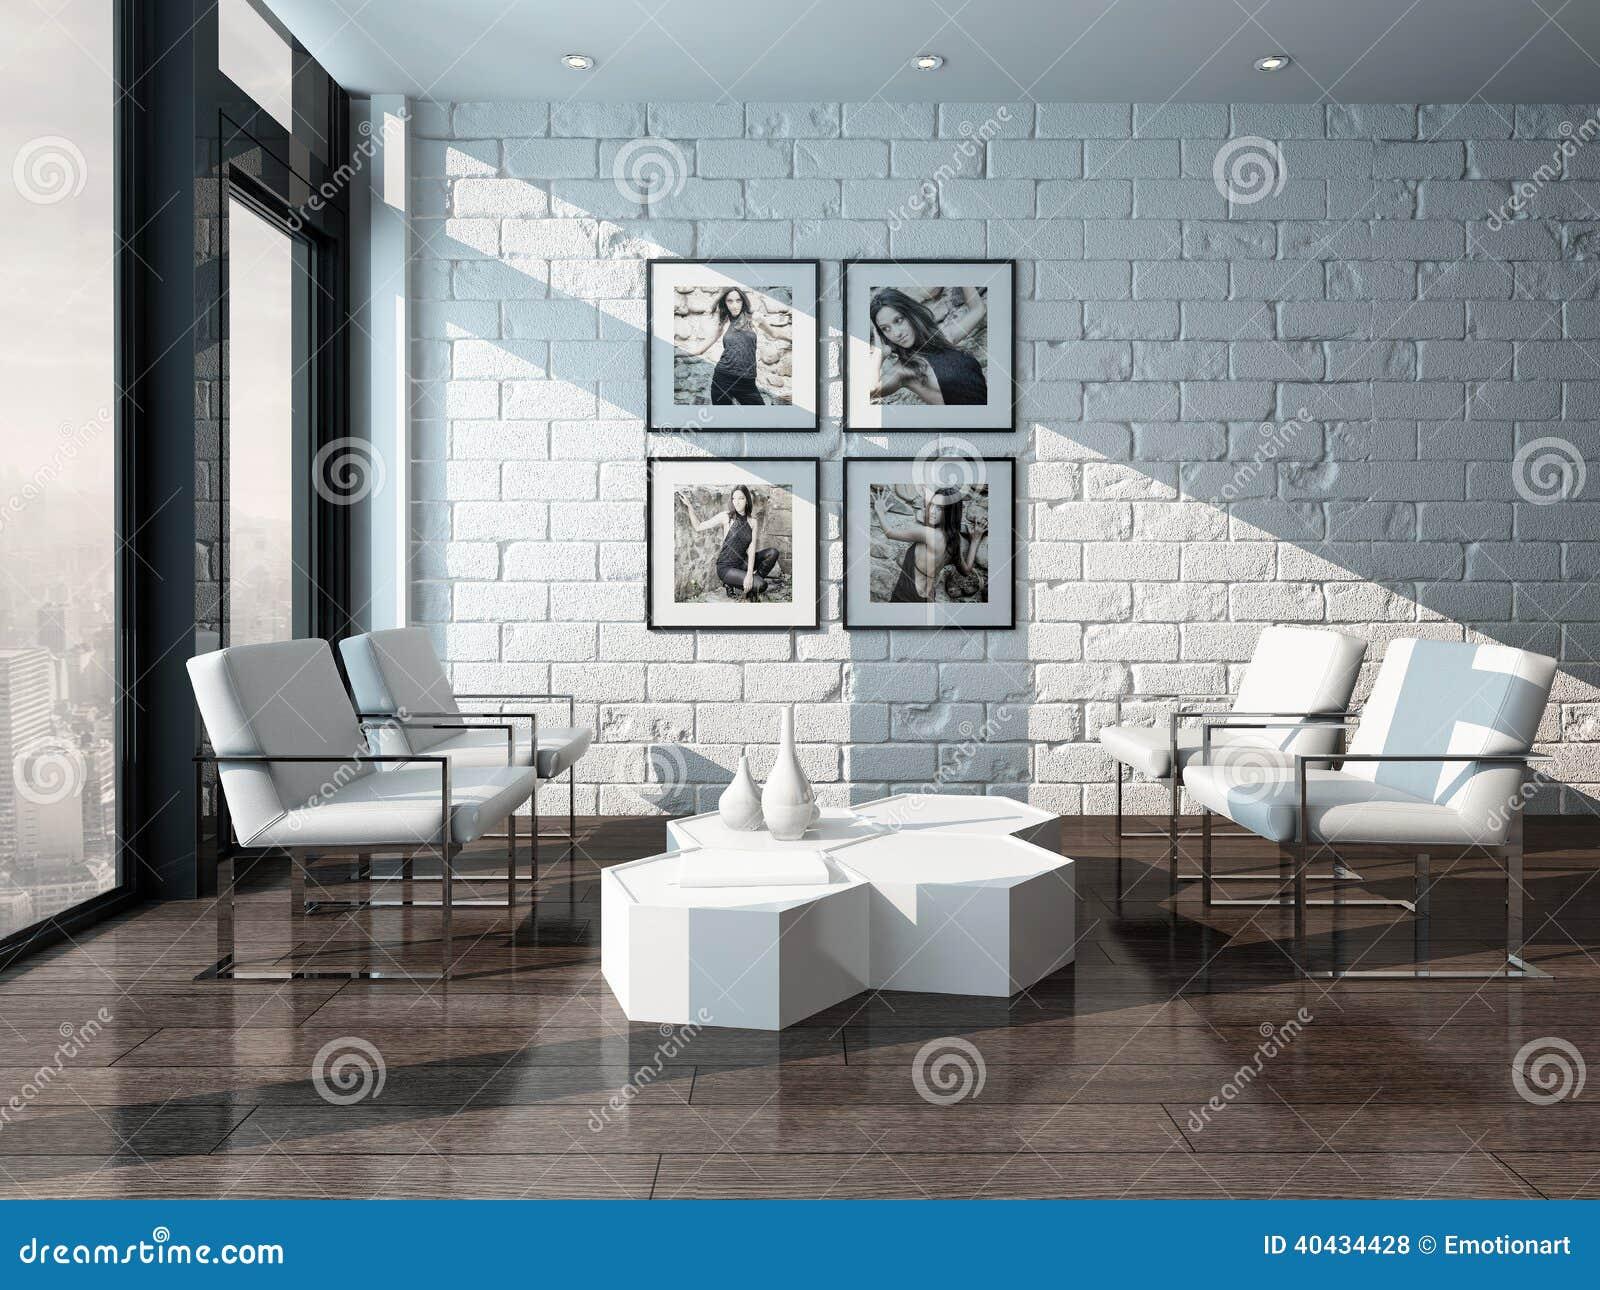 Brique blanche interieur id es de design de maison - Brique deco interieur ...